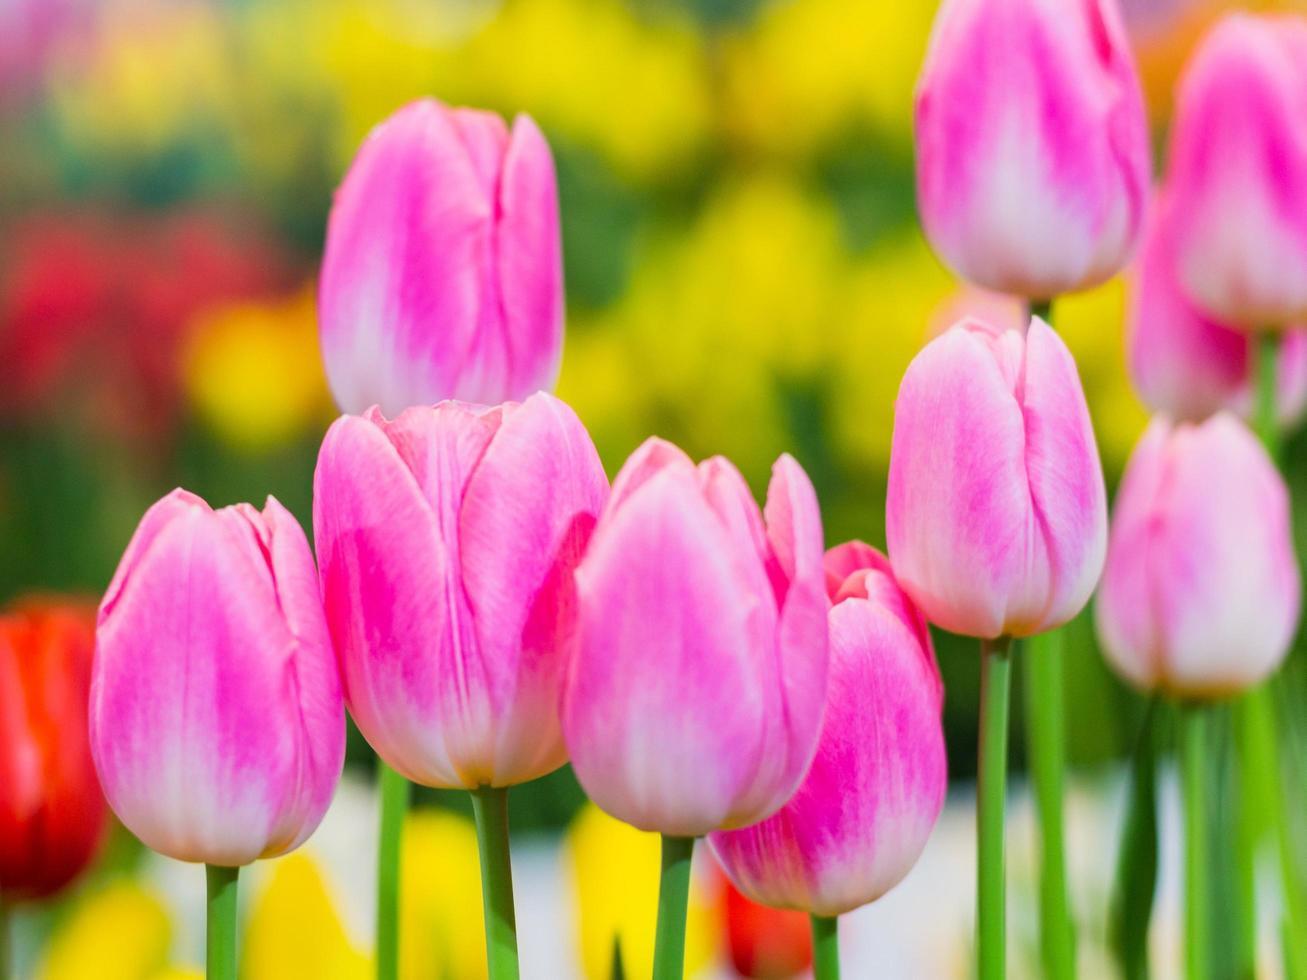 roze tulpen in bloei foto